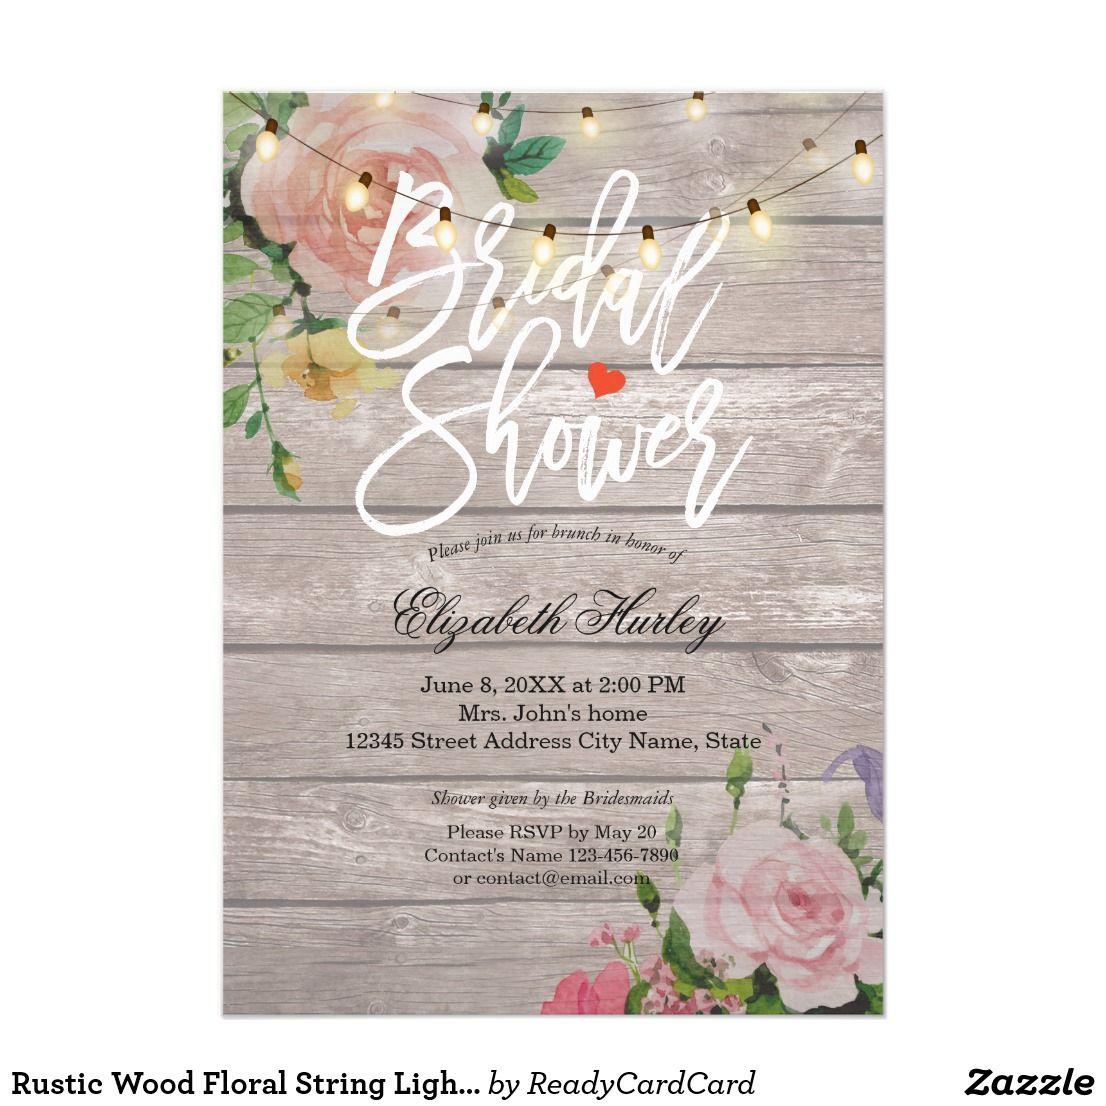 Rustic Wood Floral String Lights Bridal Shower Card Bridal Shower - Bridal shower card template